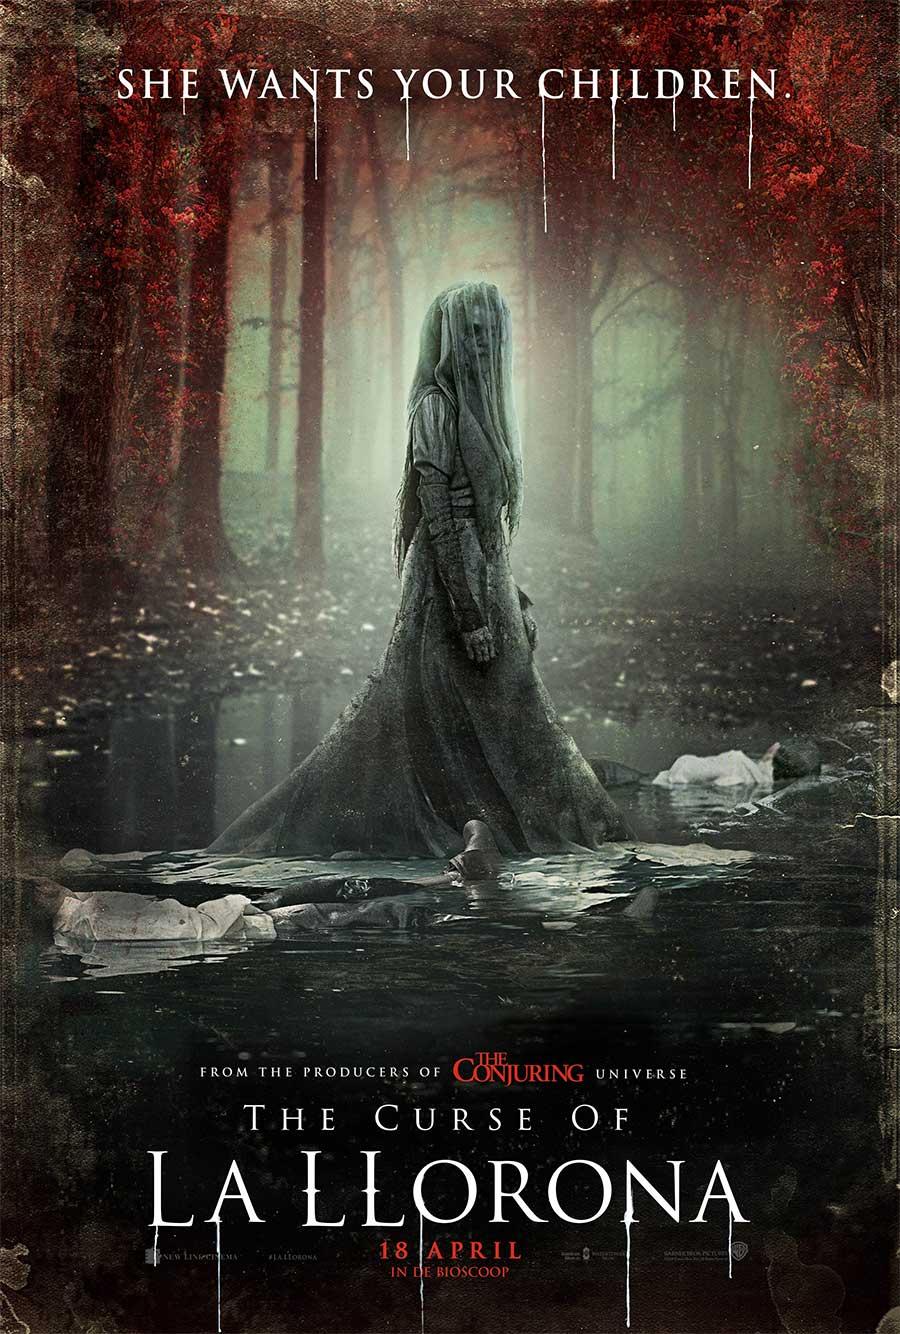 Poster for The Curse of La Llorona